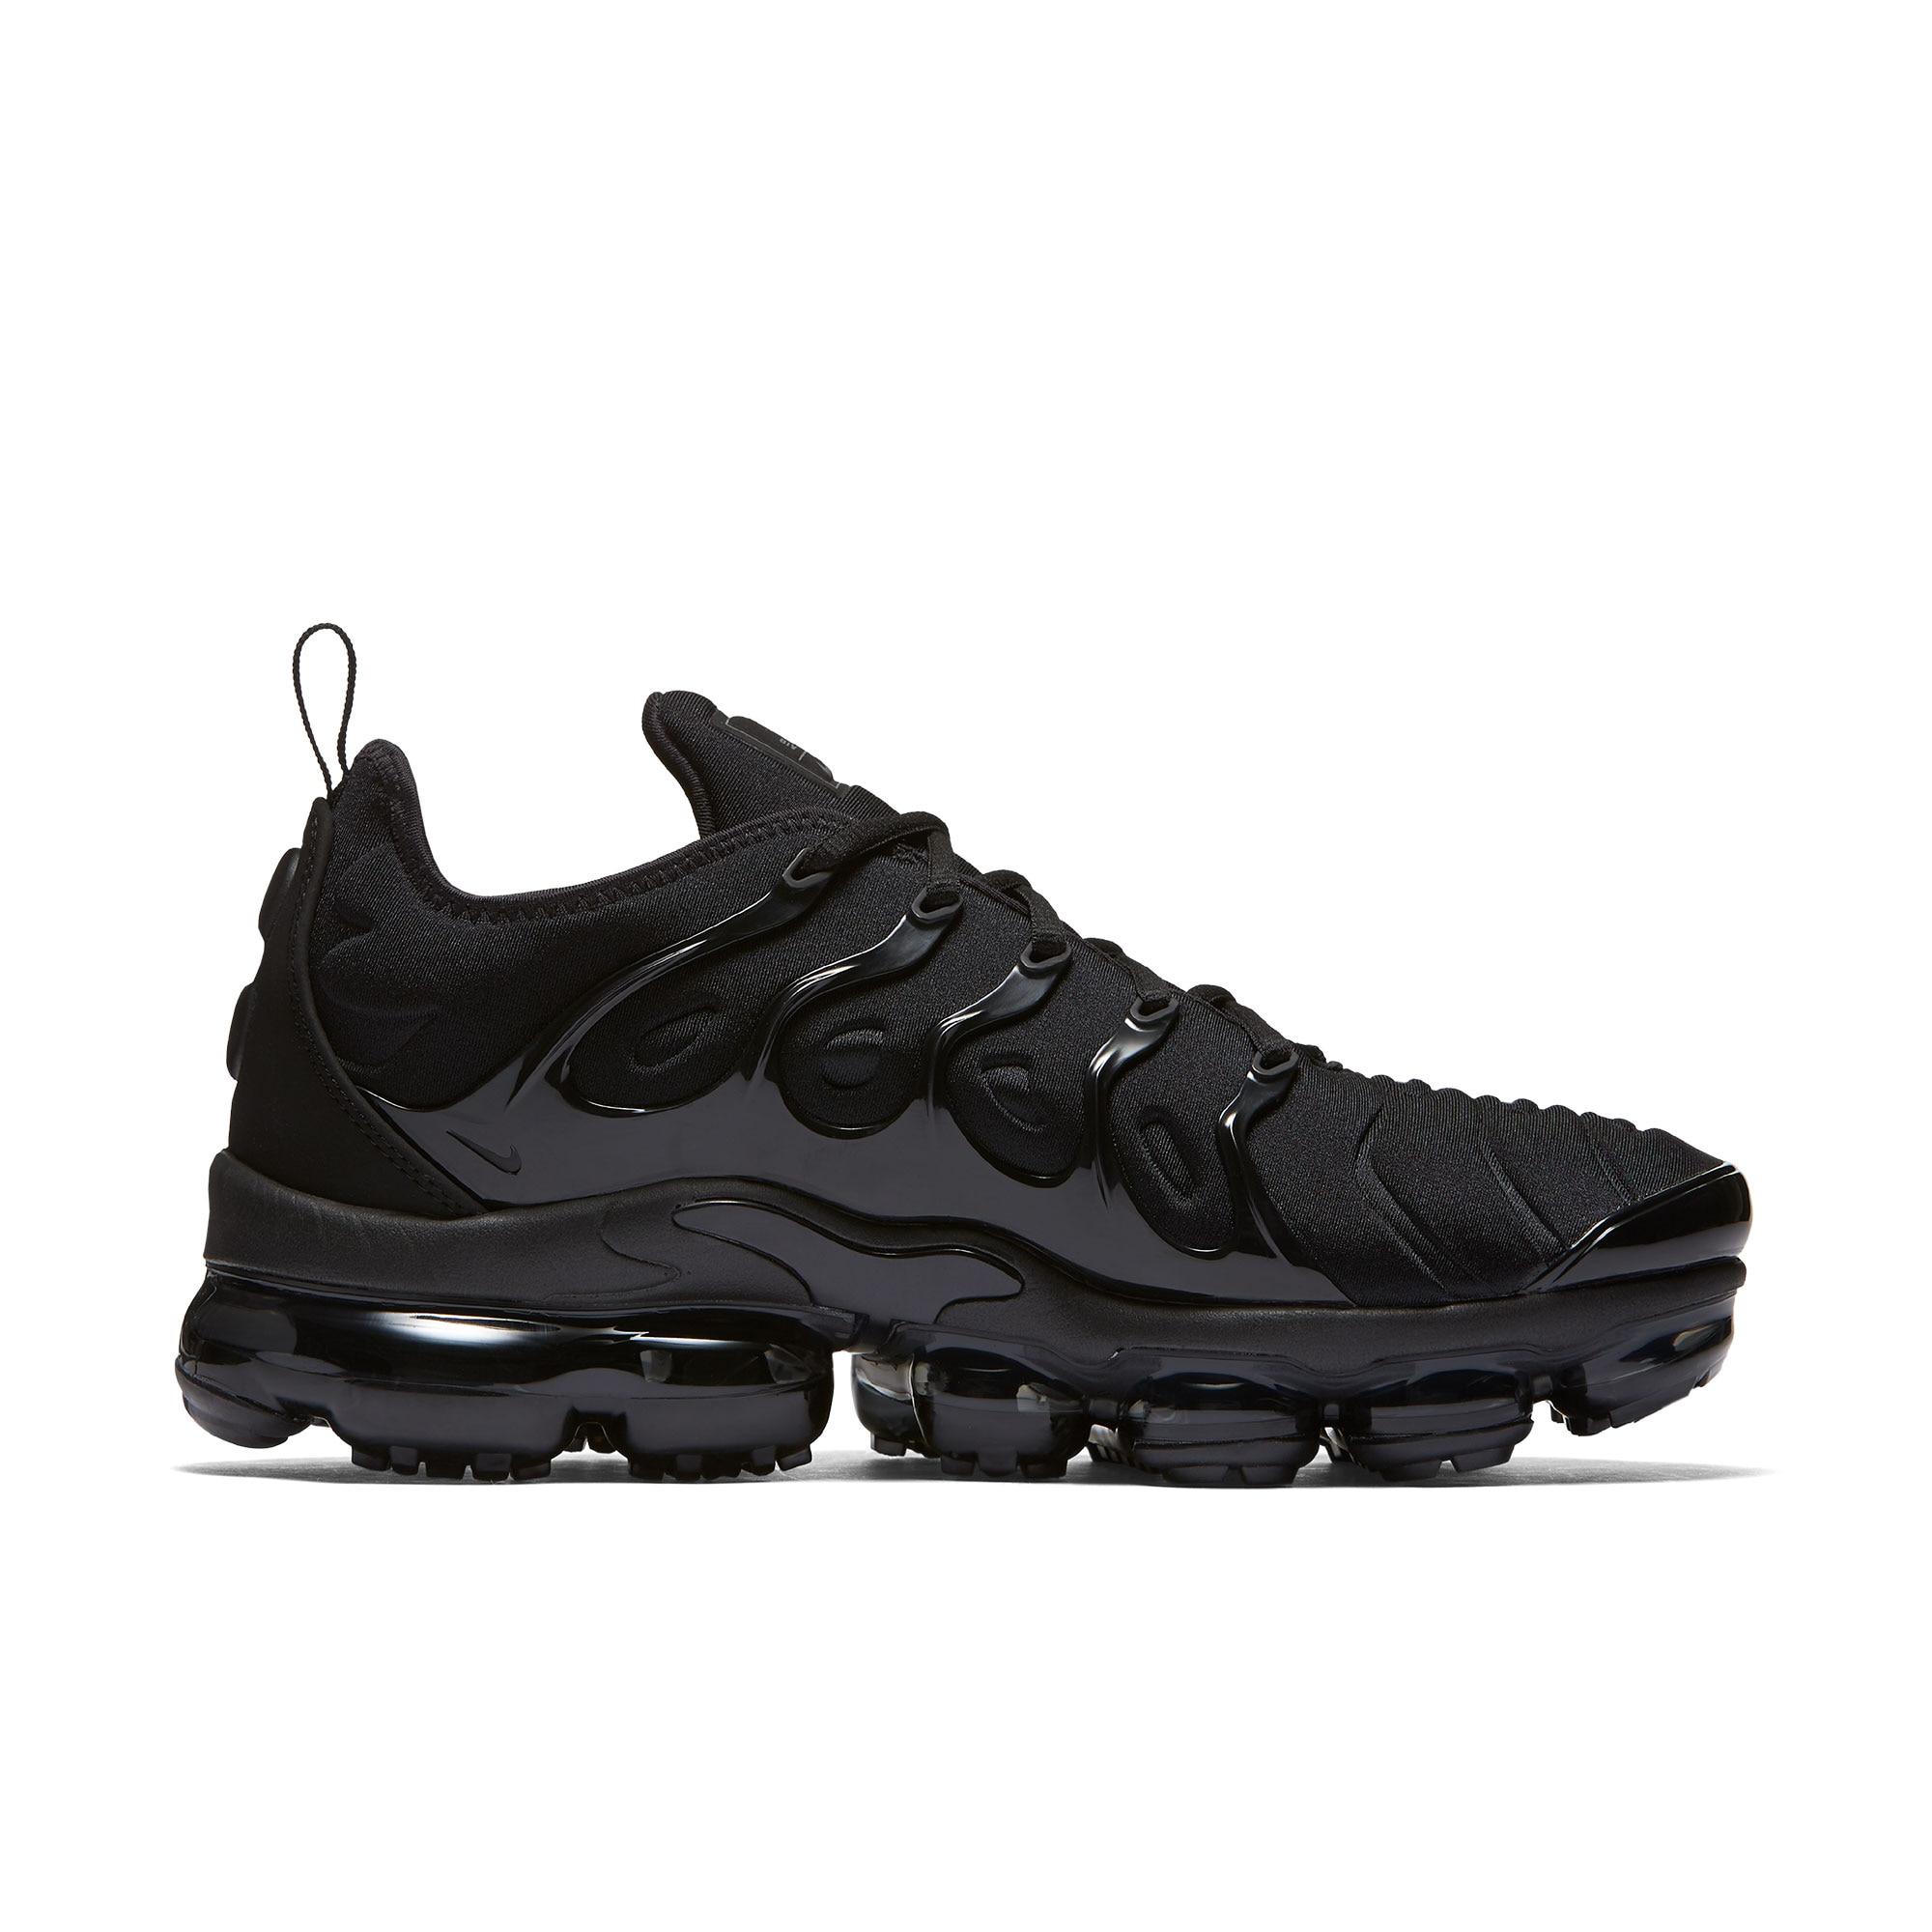 03ca5374b918 variations · Home   Mens Footwear   Nike-Men   Original New Arrival Authentic  NIKE AIR VAPORMAX PLUS Mens Running Shoes ...